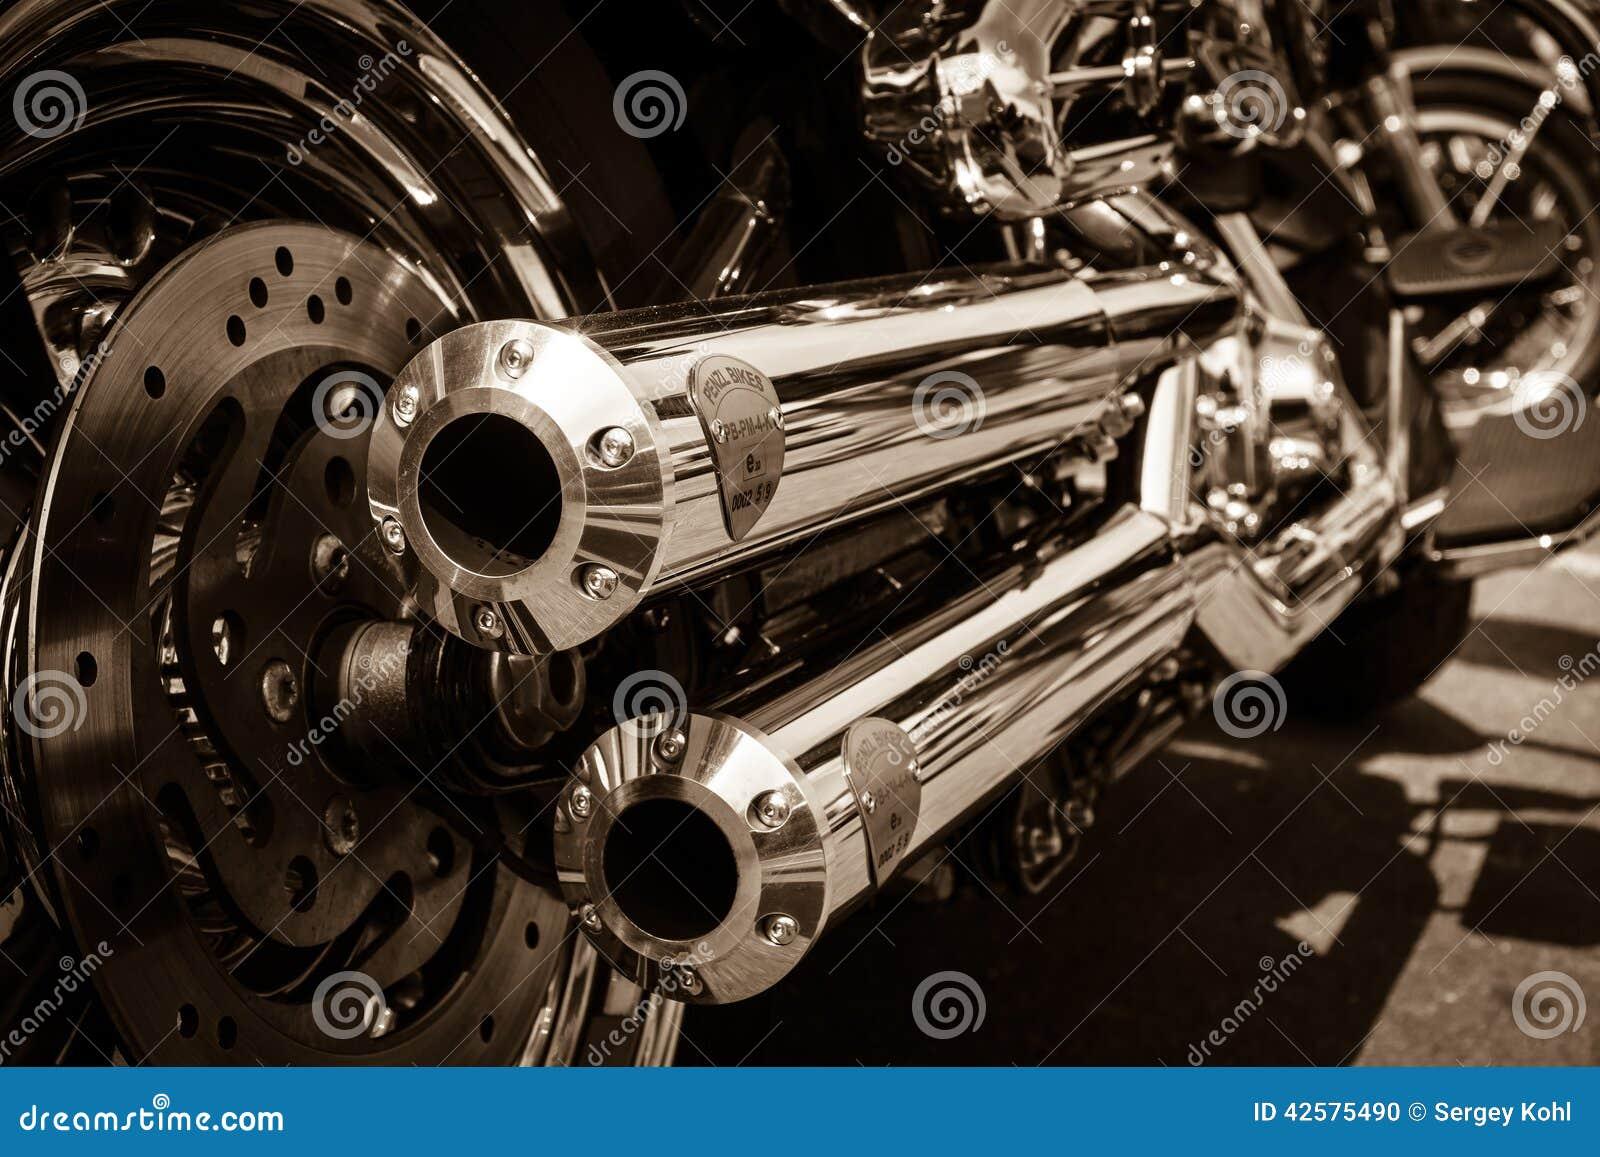 Rury wydechowe motocykl Harley Davidson Softail